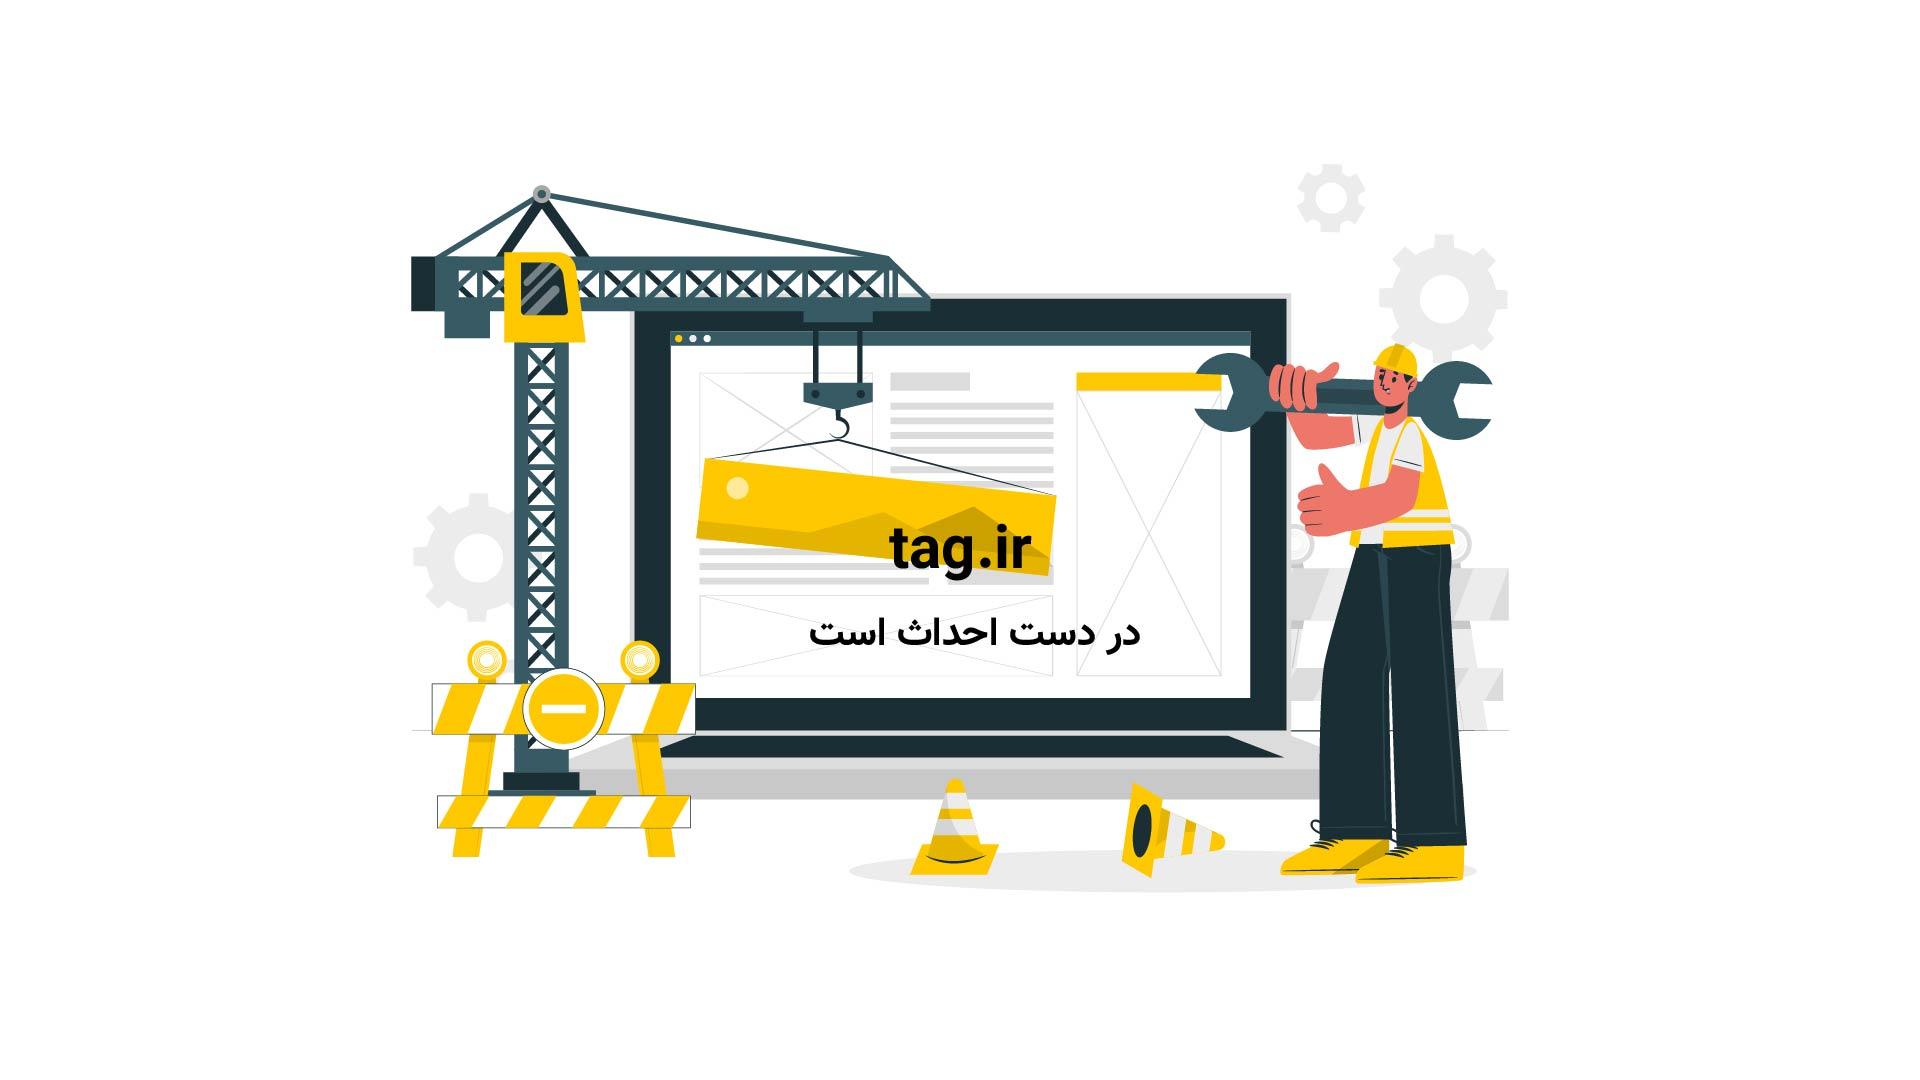 فیلم جالب از شکار سنتی نهنگ عنبر در قبایل ساحلنشین